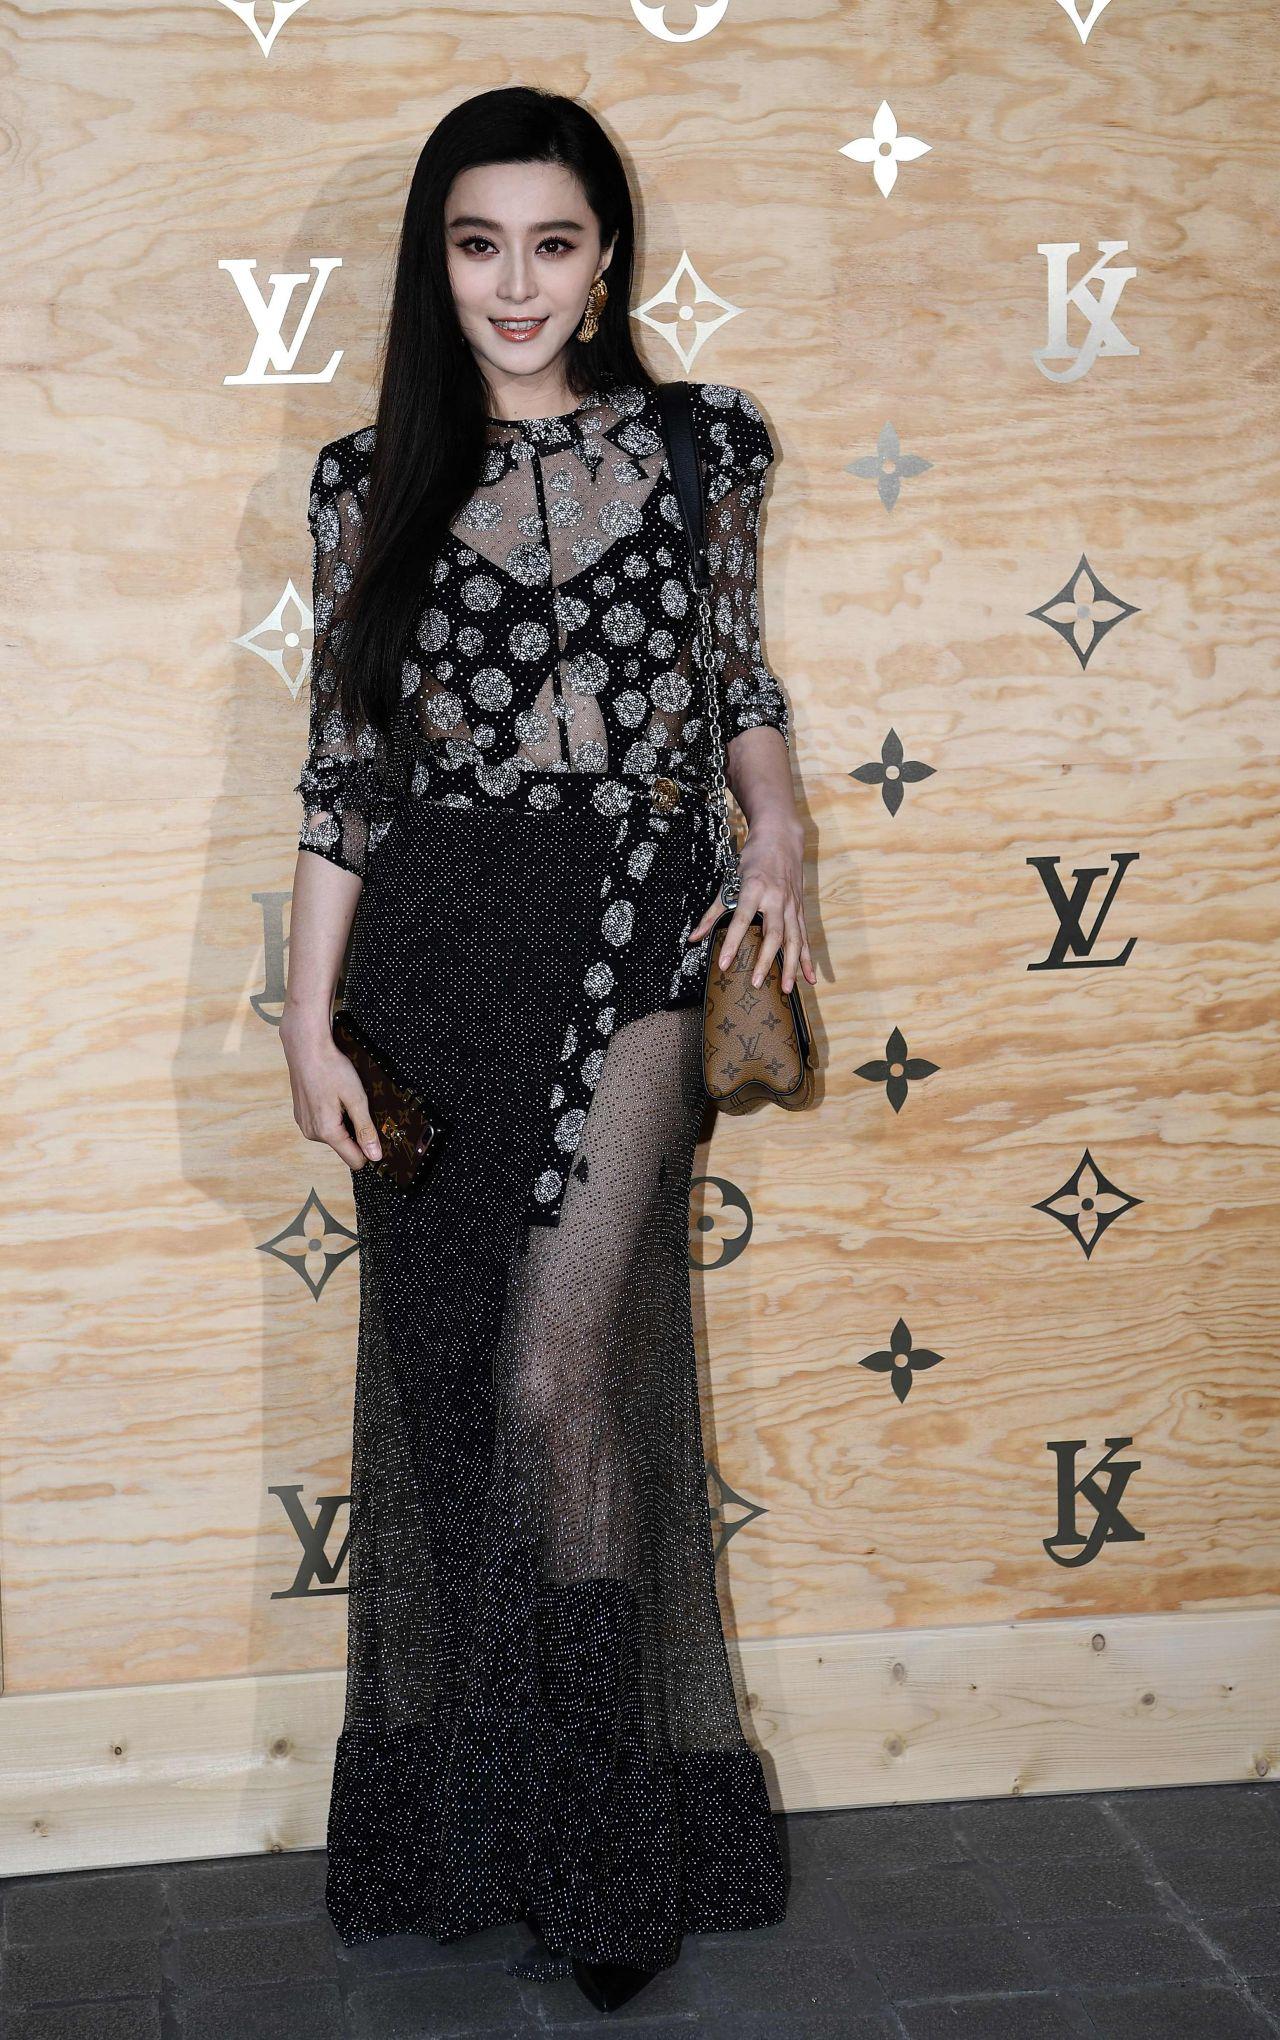 Fan Bingbing At Louis Vuitton Dinner Party Louvre In